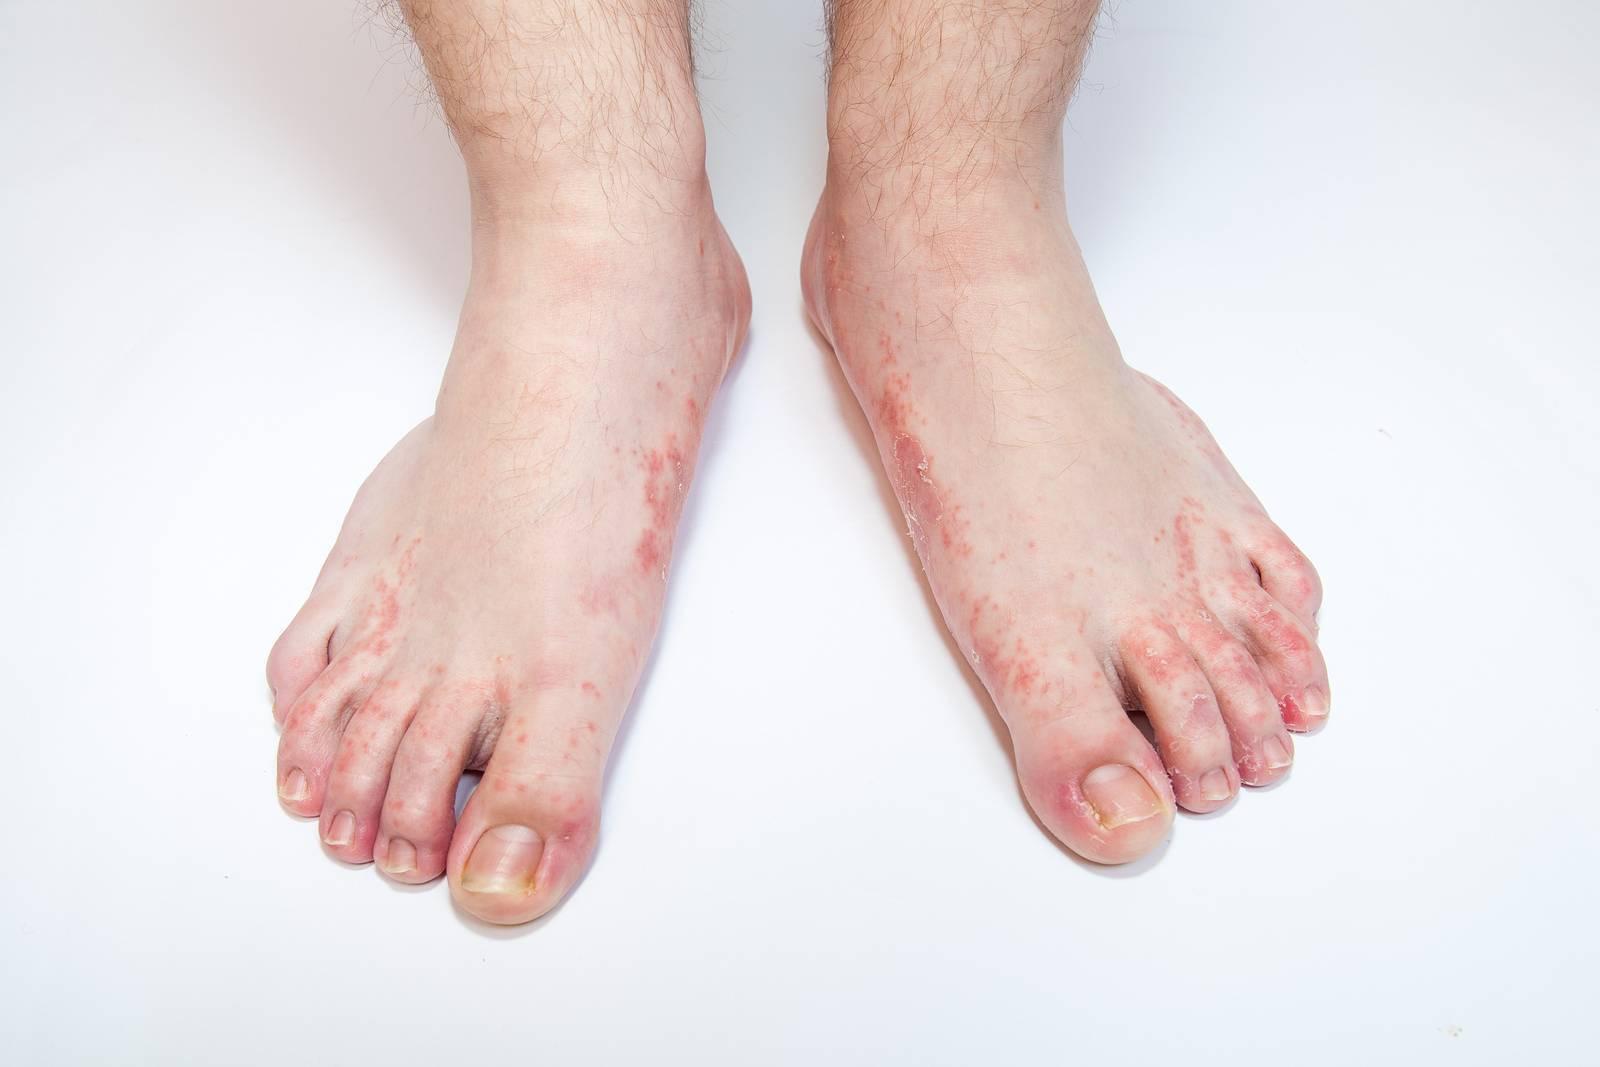 как лечить дерматит на ногах